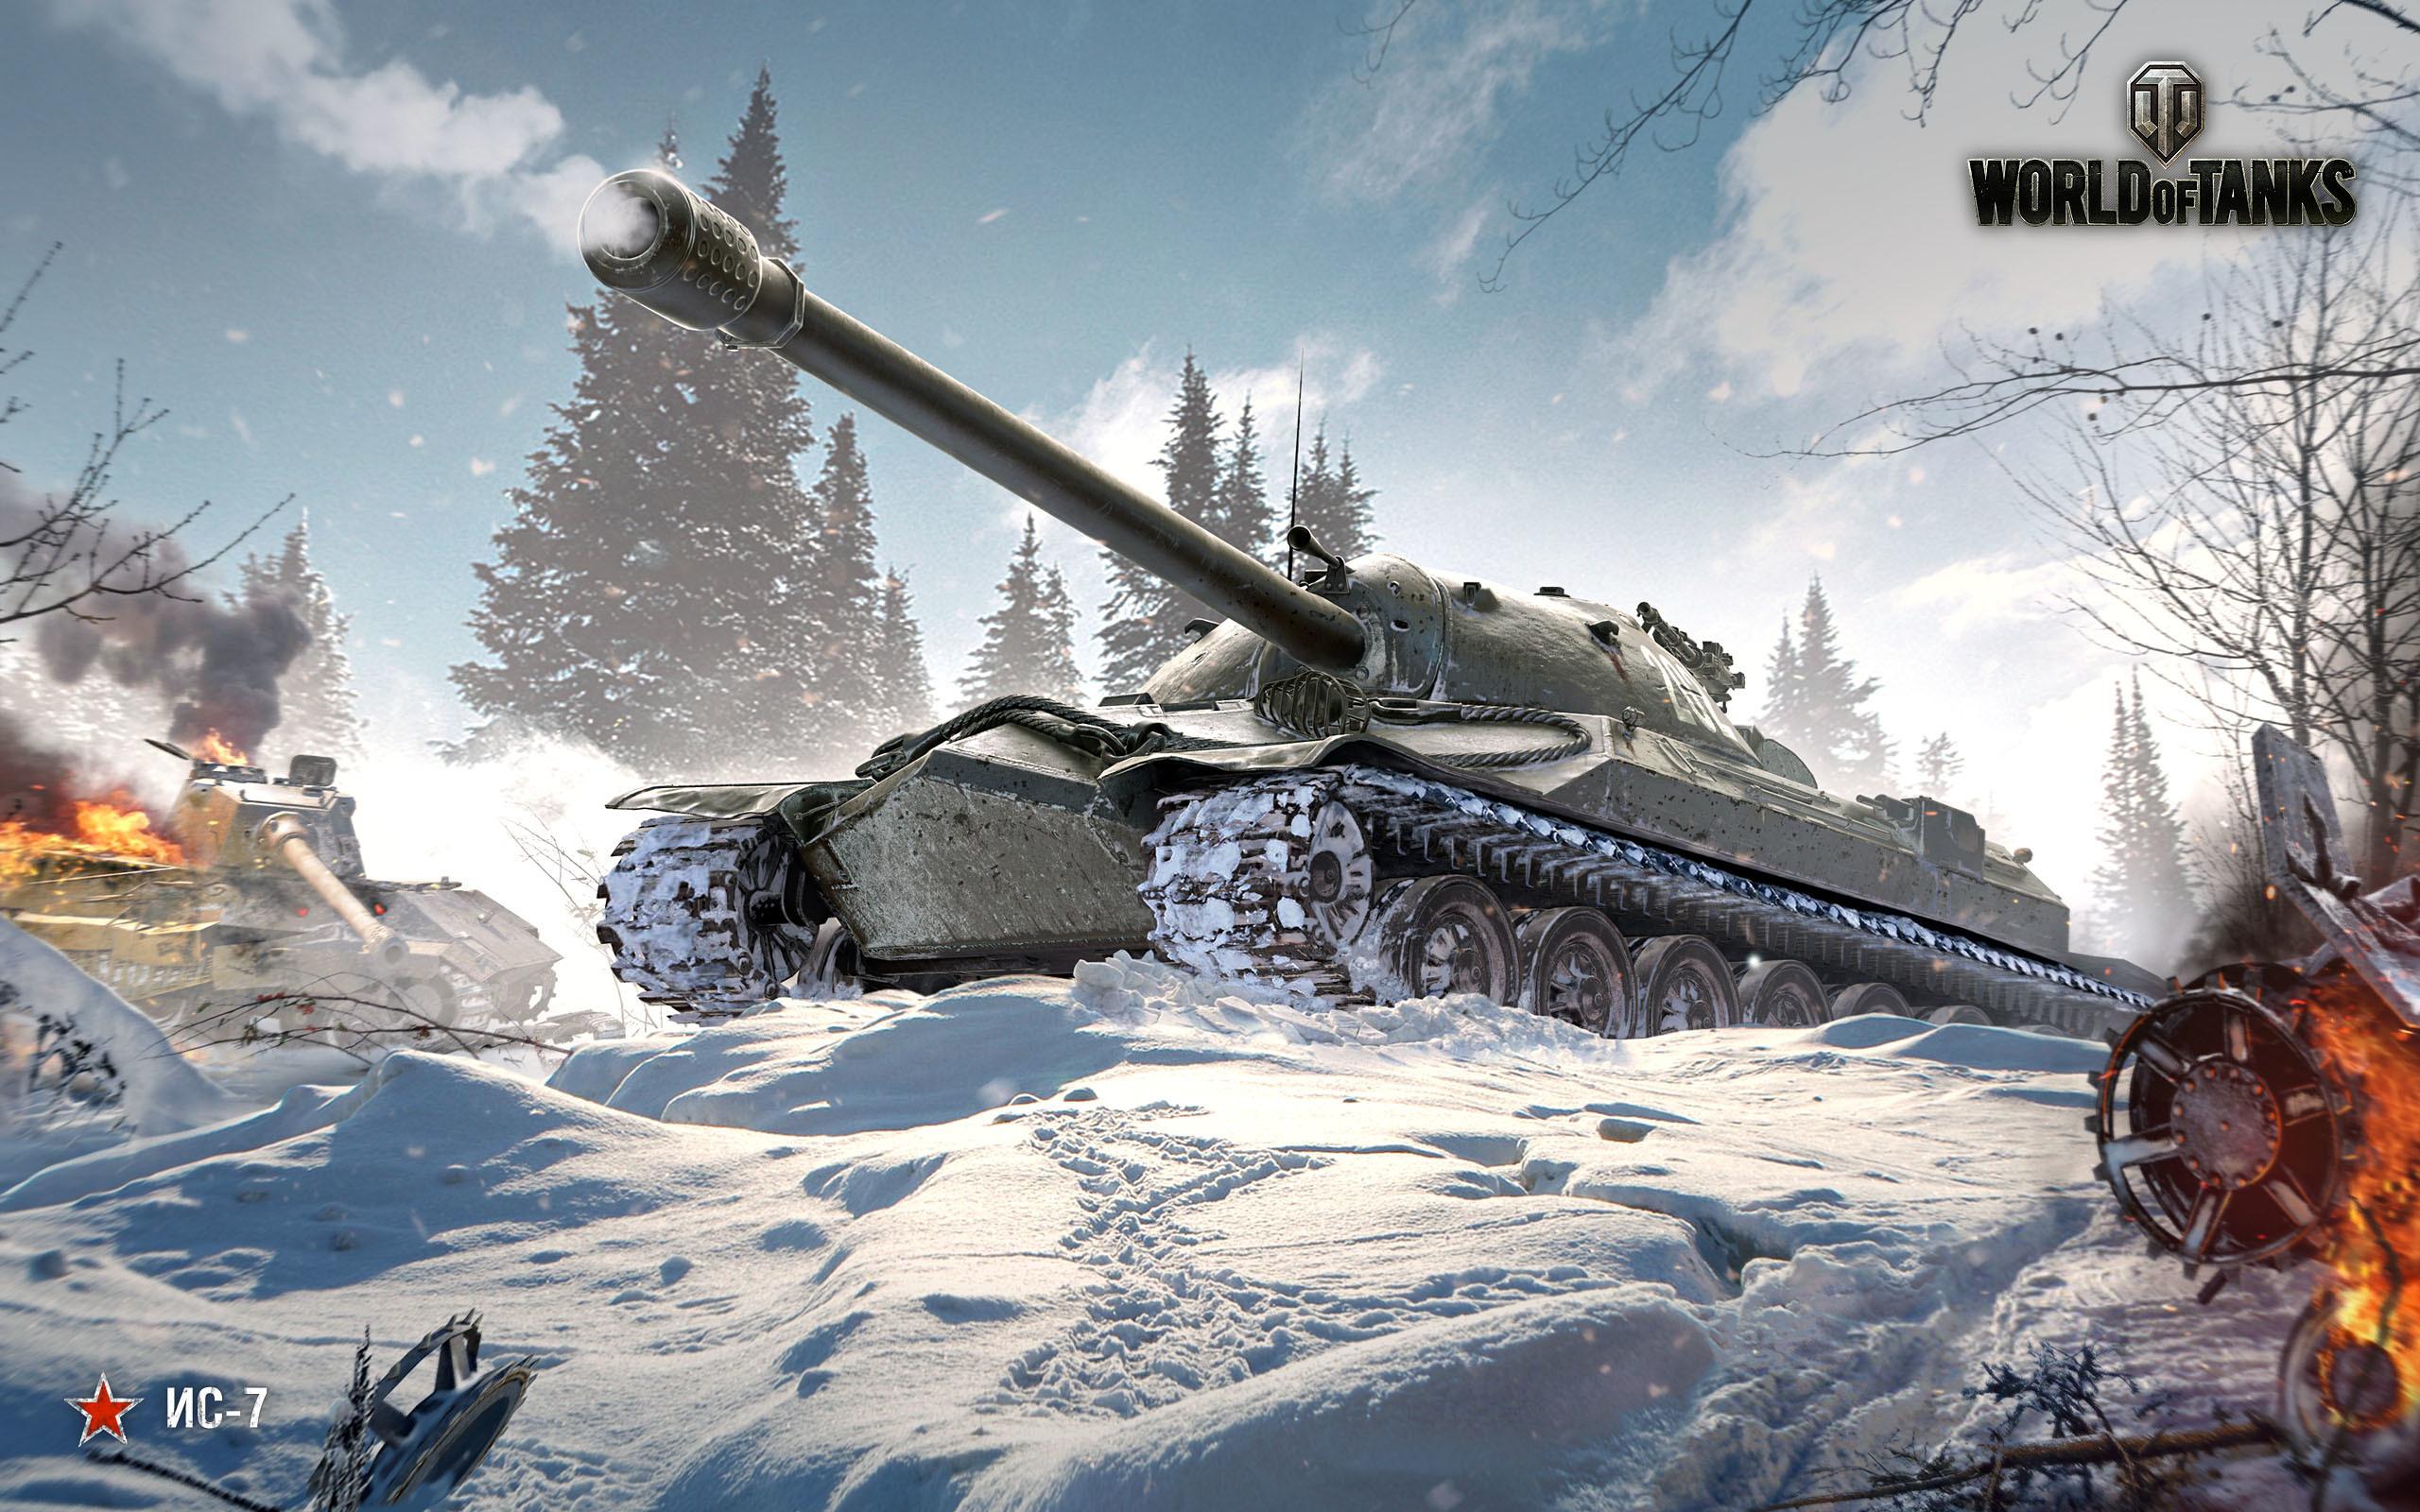 скачать живые обои на рабочий стол танки world of tanks № 20237  скачать